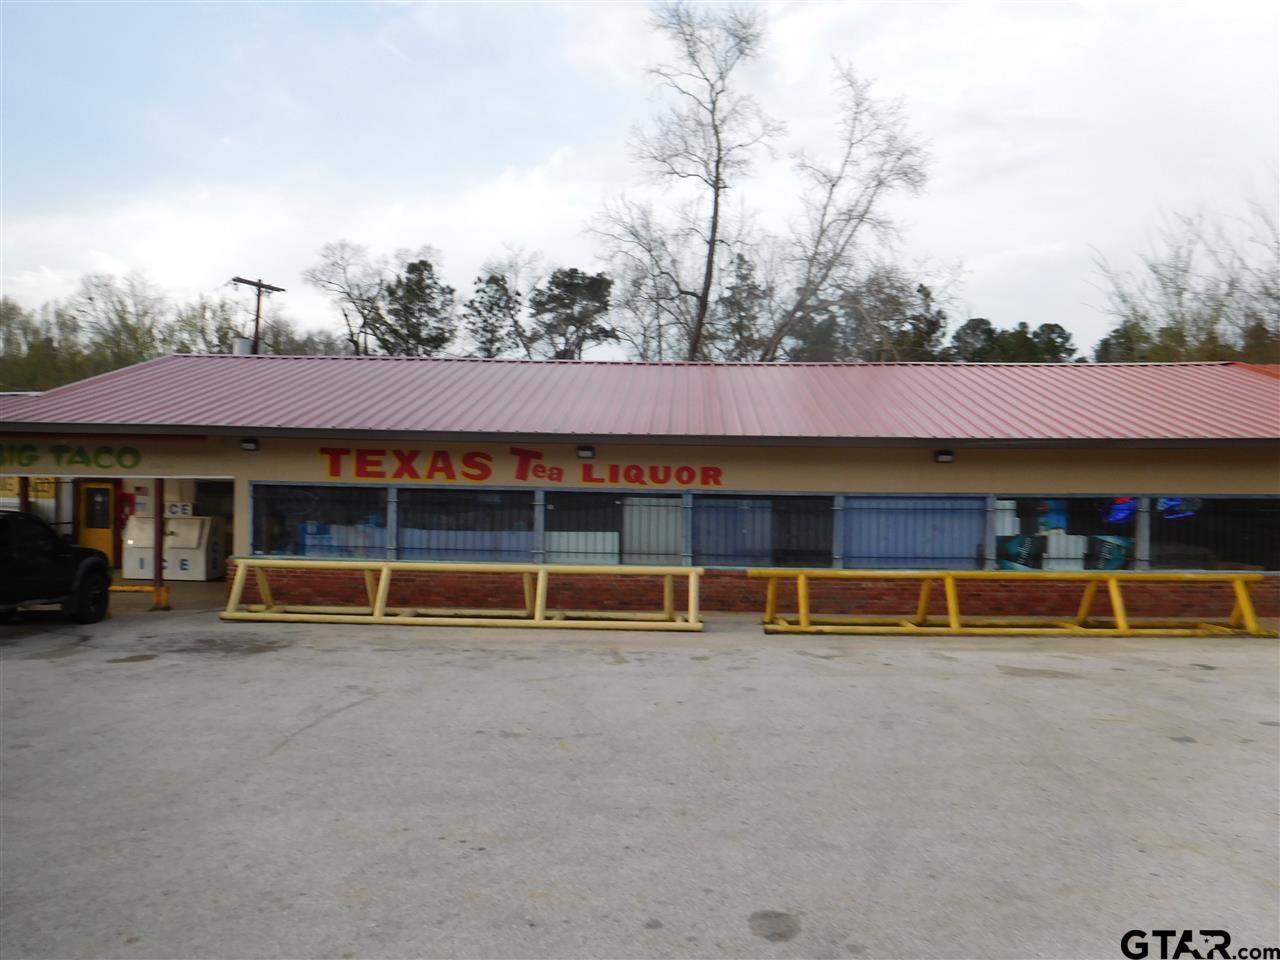 6362 W SH 31, Kilgore, TX 75662